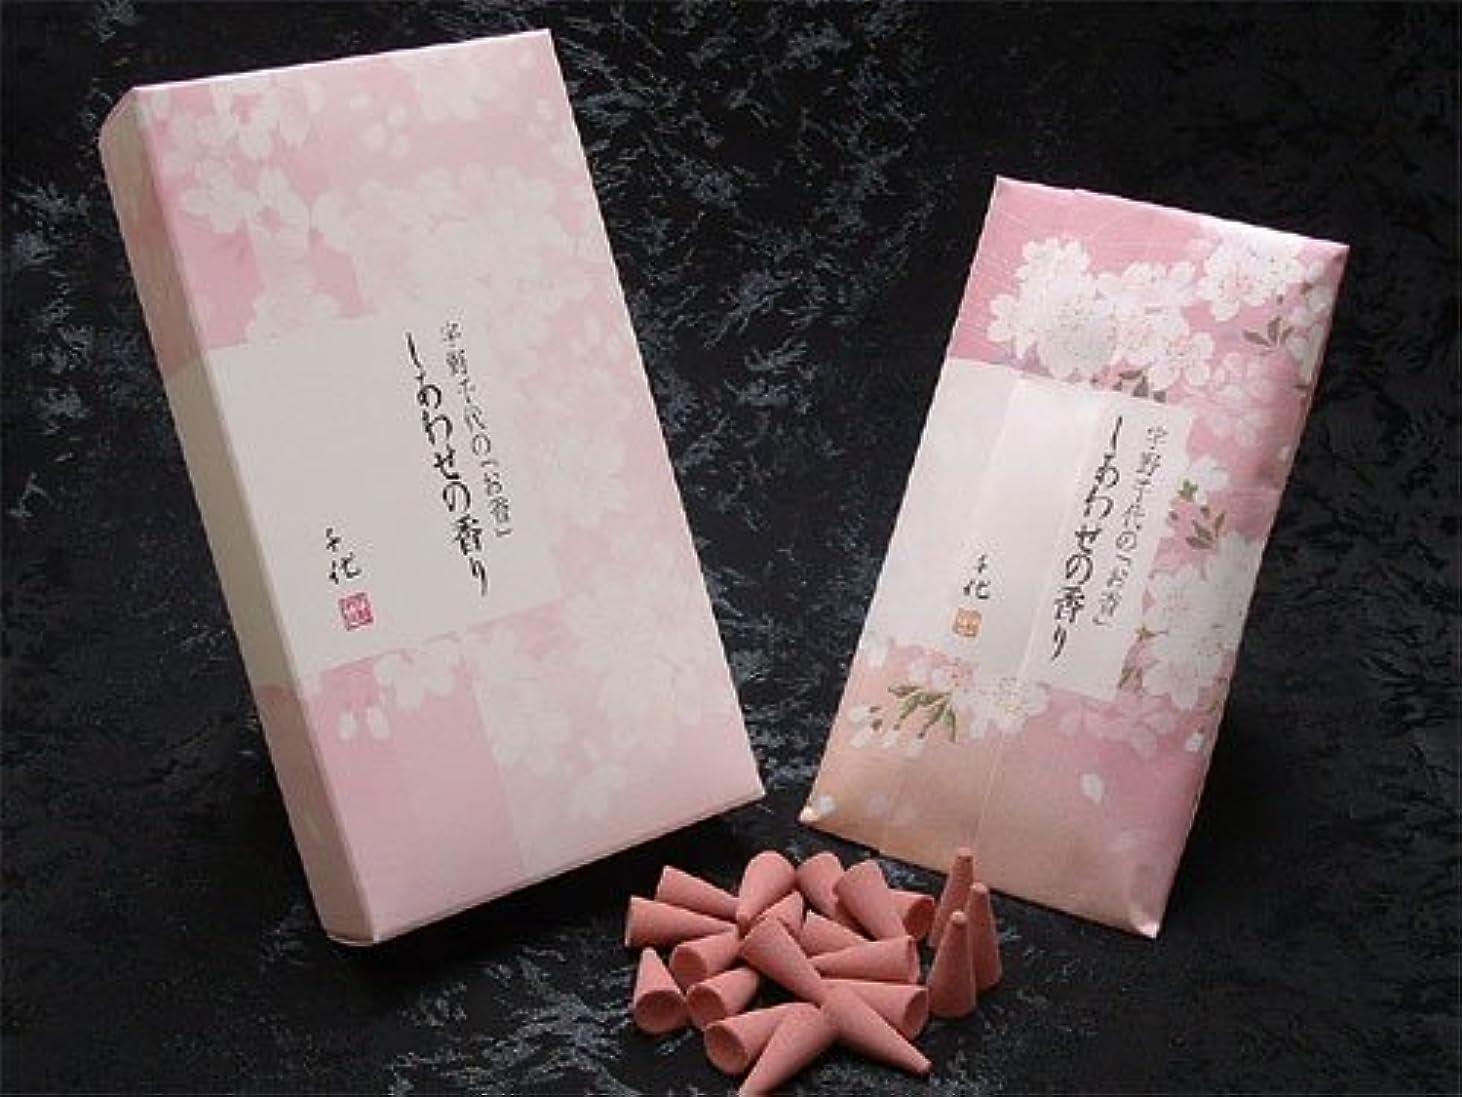 正午ストリーム論文日本香堂のお香 宇野千代 しあわせの香り コーン型 20個入り